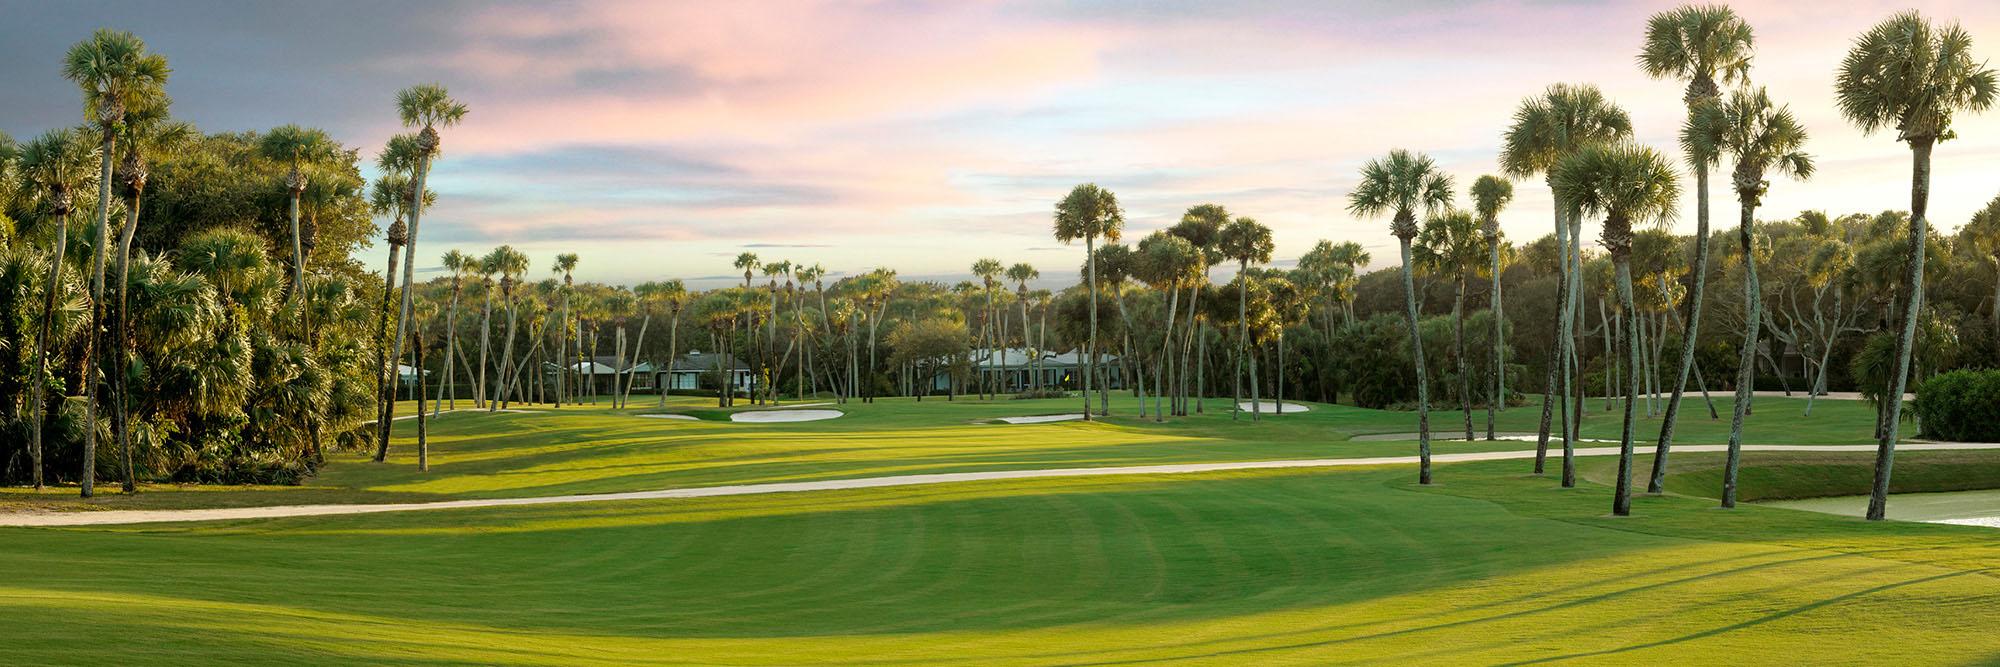 Golf Course Image - Riomar No. 4